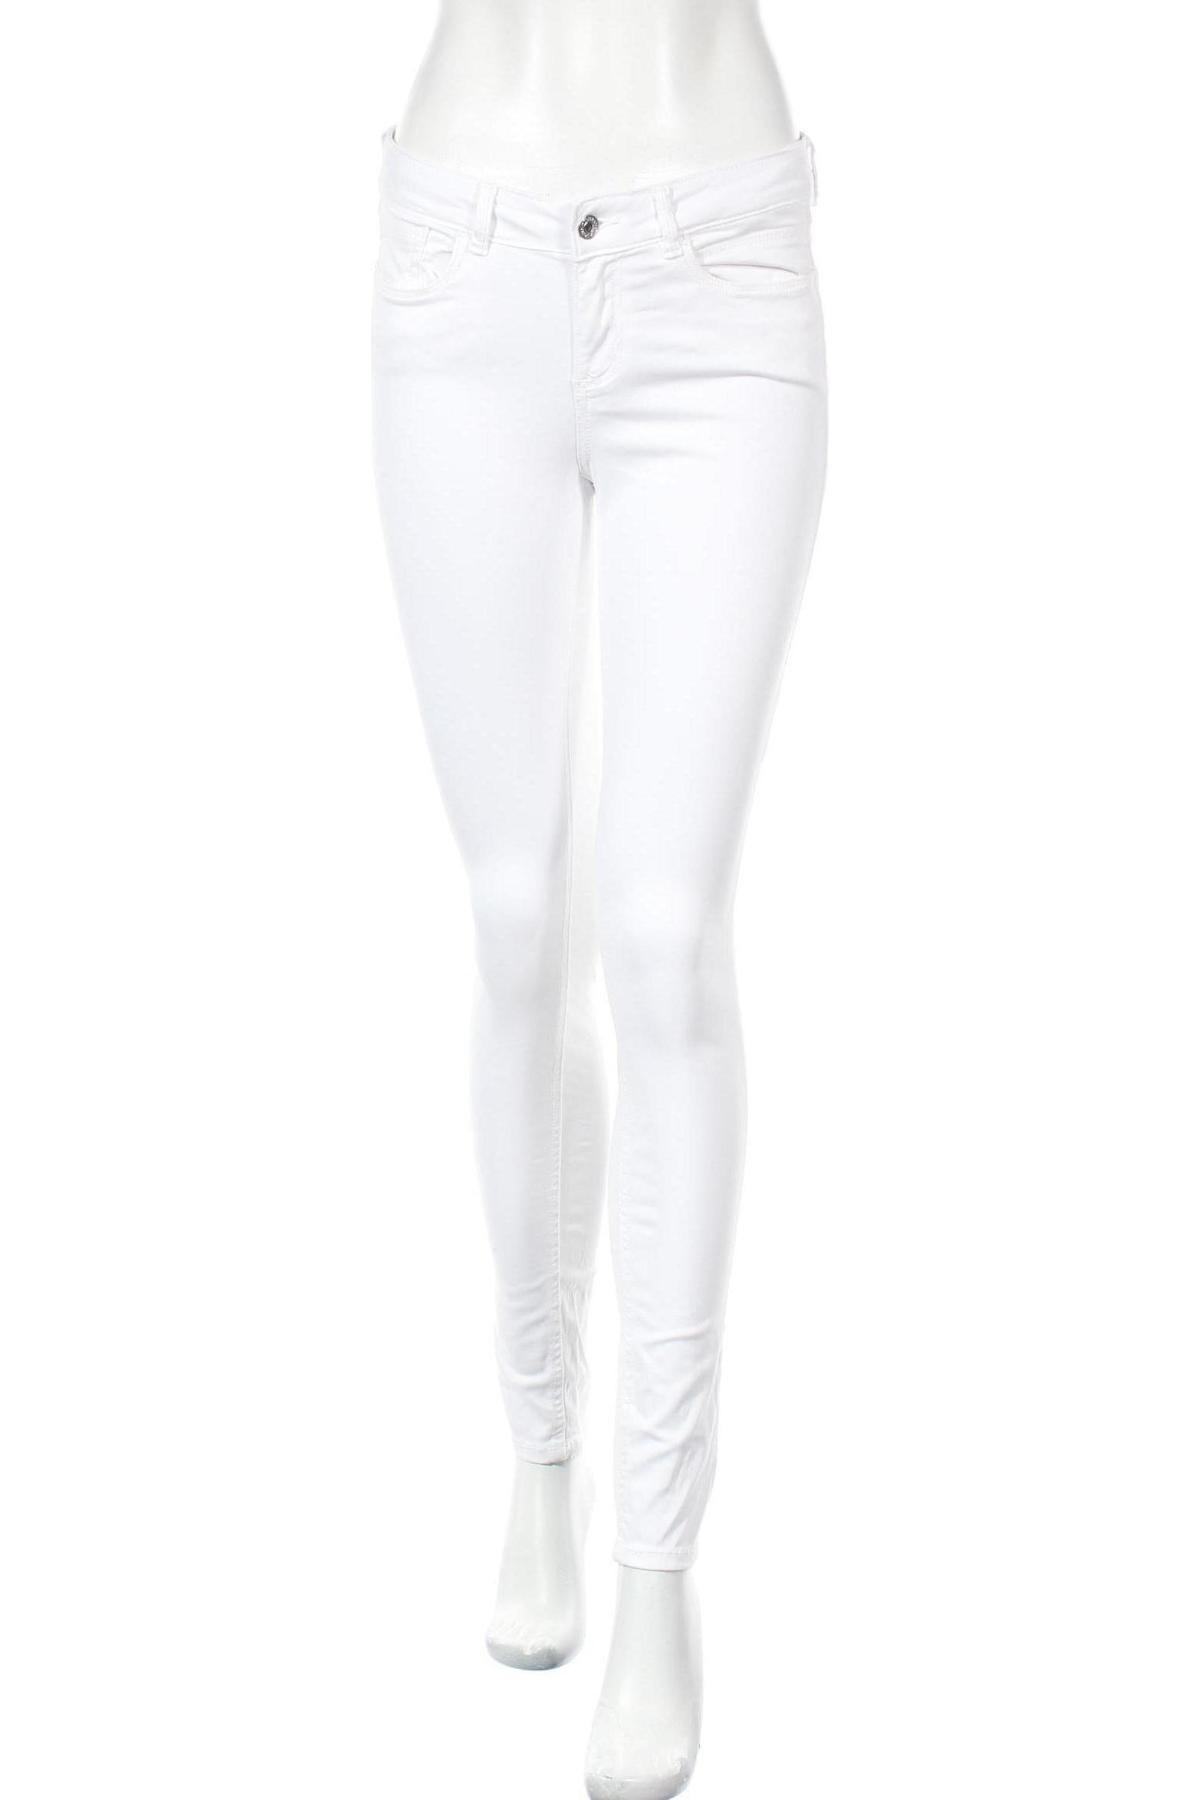 Дамски дънки Tom Tailor, Размер S, Цвят Бял, 98% памук, 2% еластан, Цена 34,20лв.